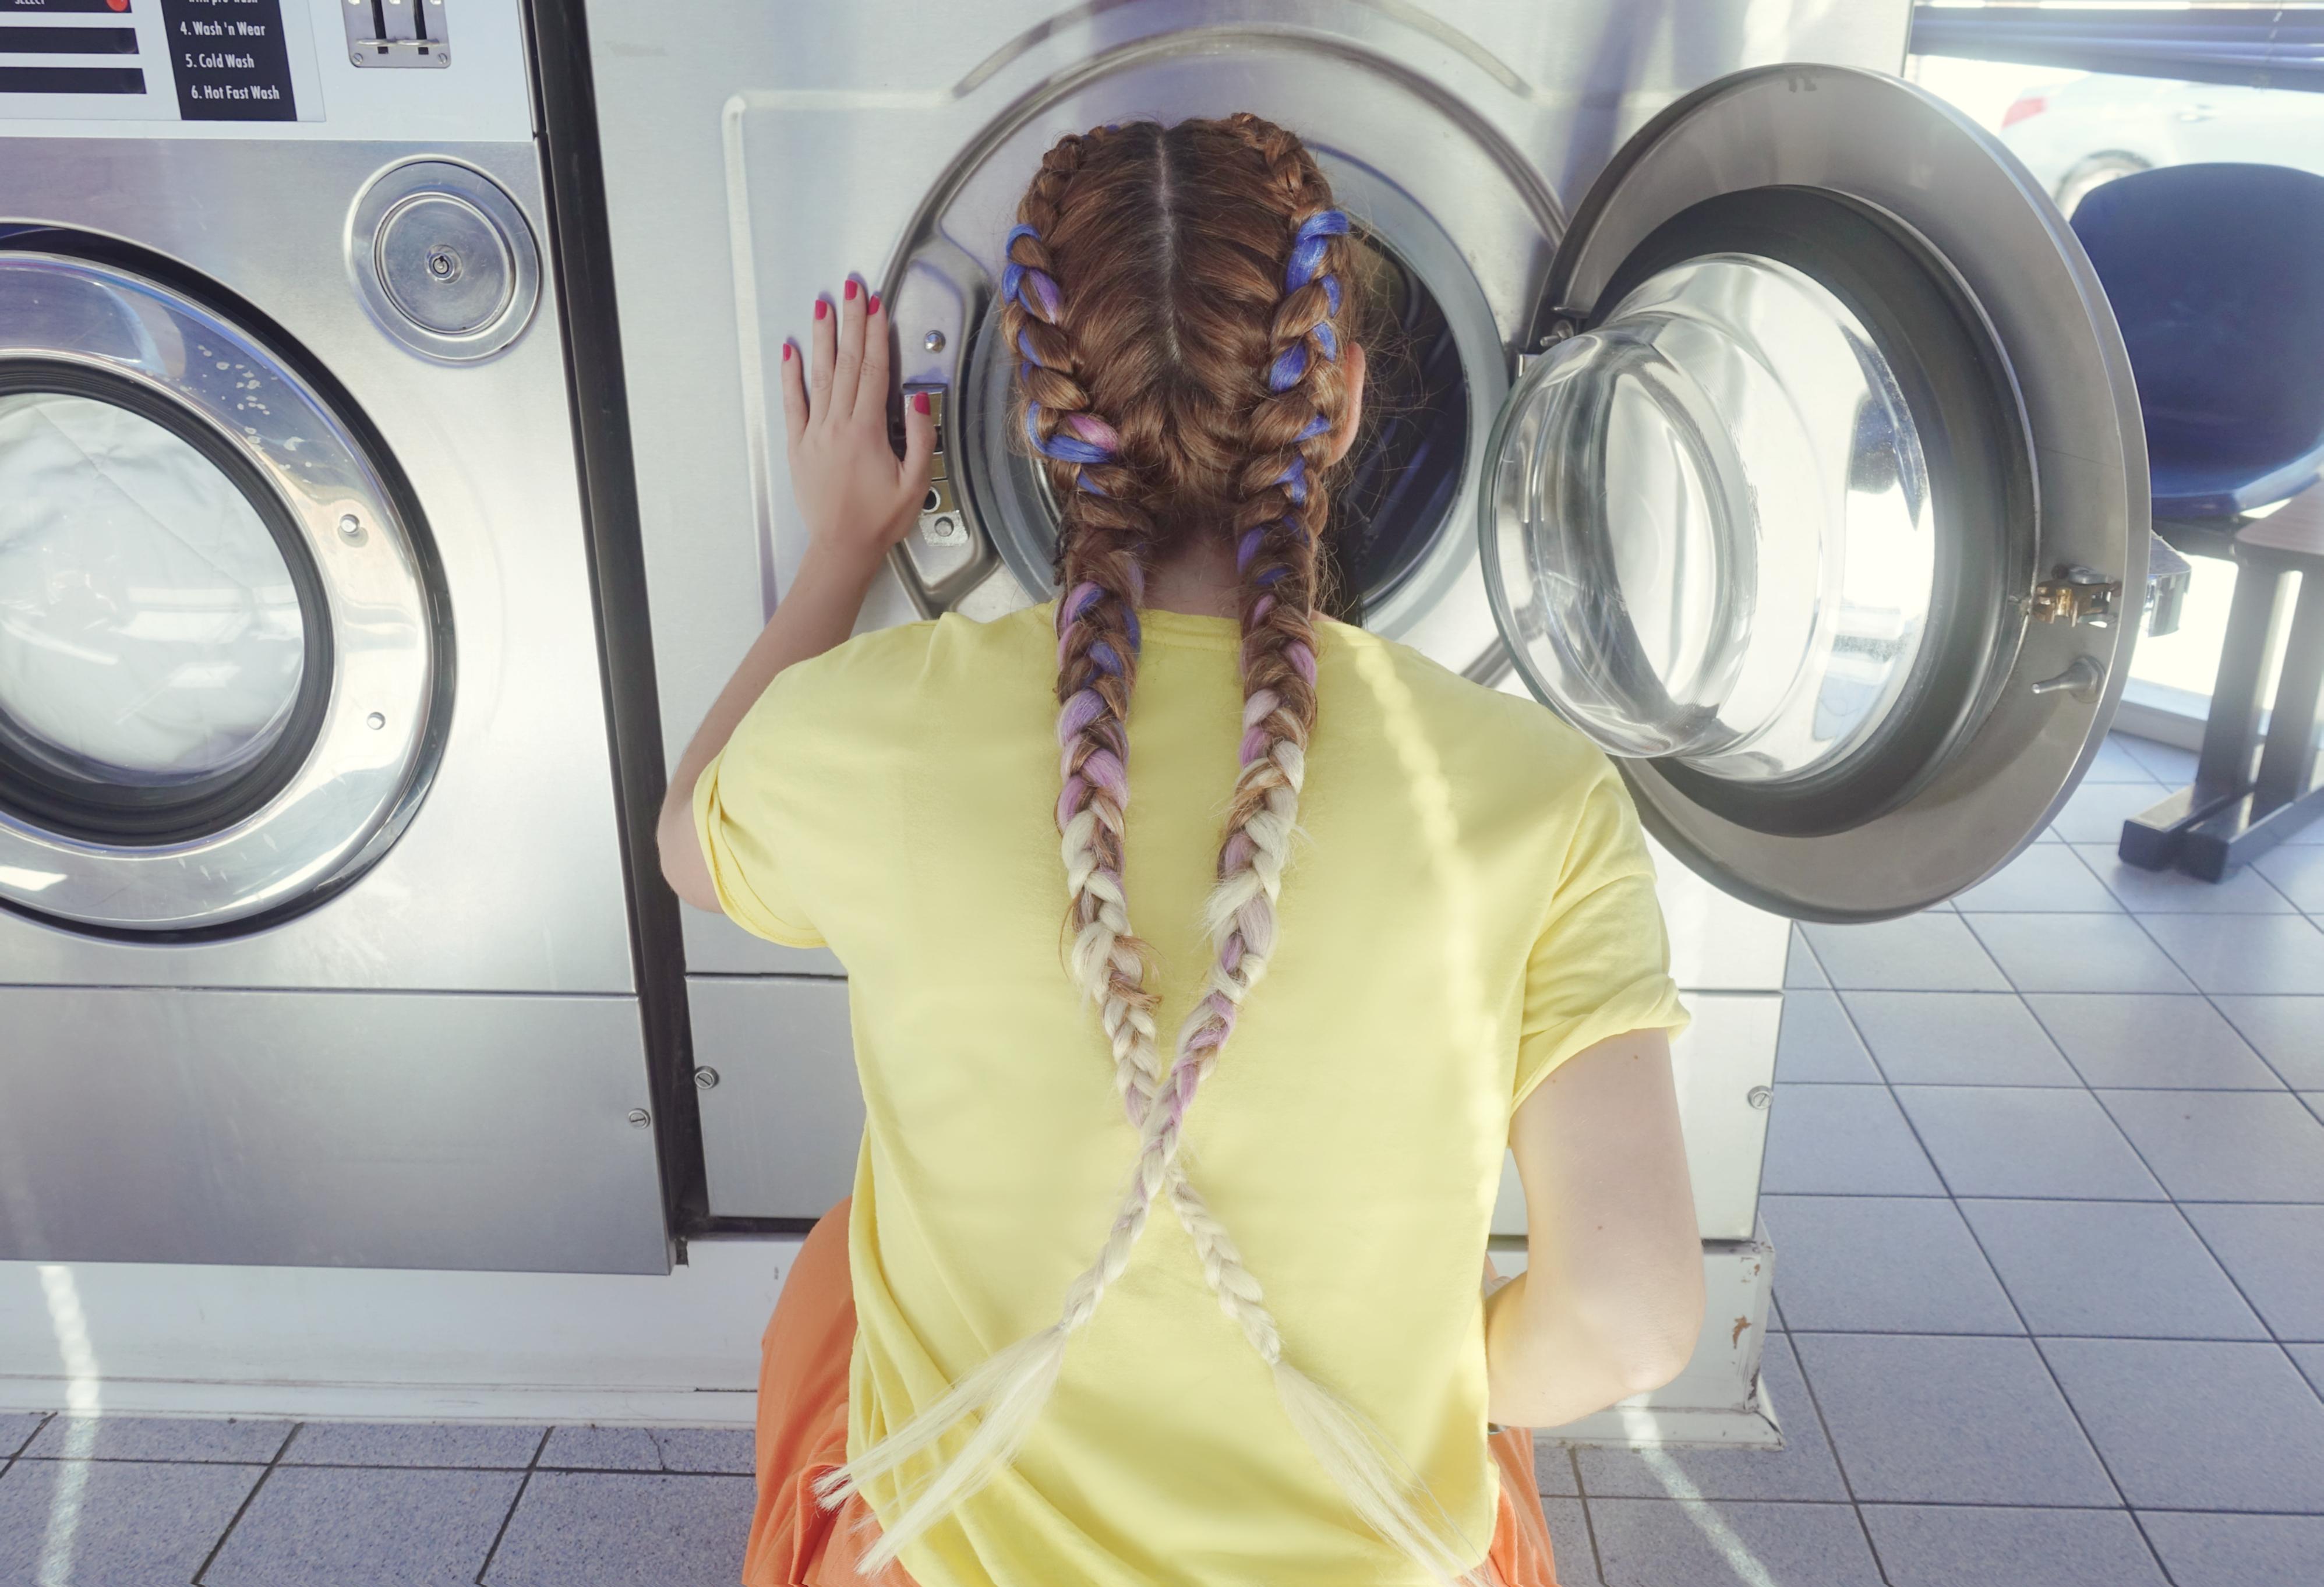 Trendy-hairstyles-PiensaenChic-blog-de-moda-Chicadicta-fashionista-look-de-otono-color-style-brighton-Chic-adicta-Piensa-en-Chic